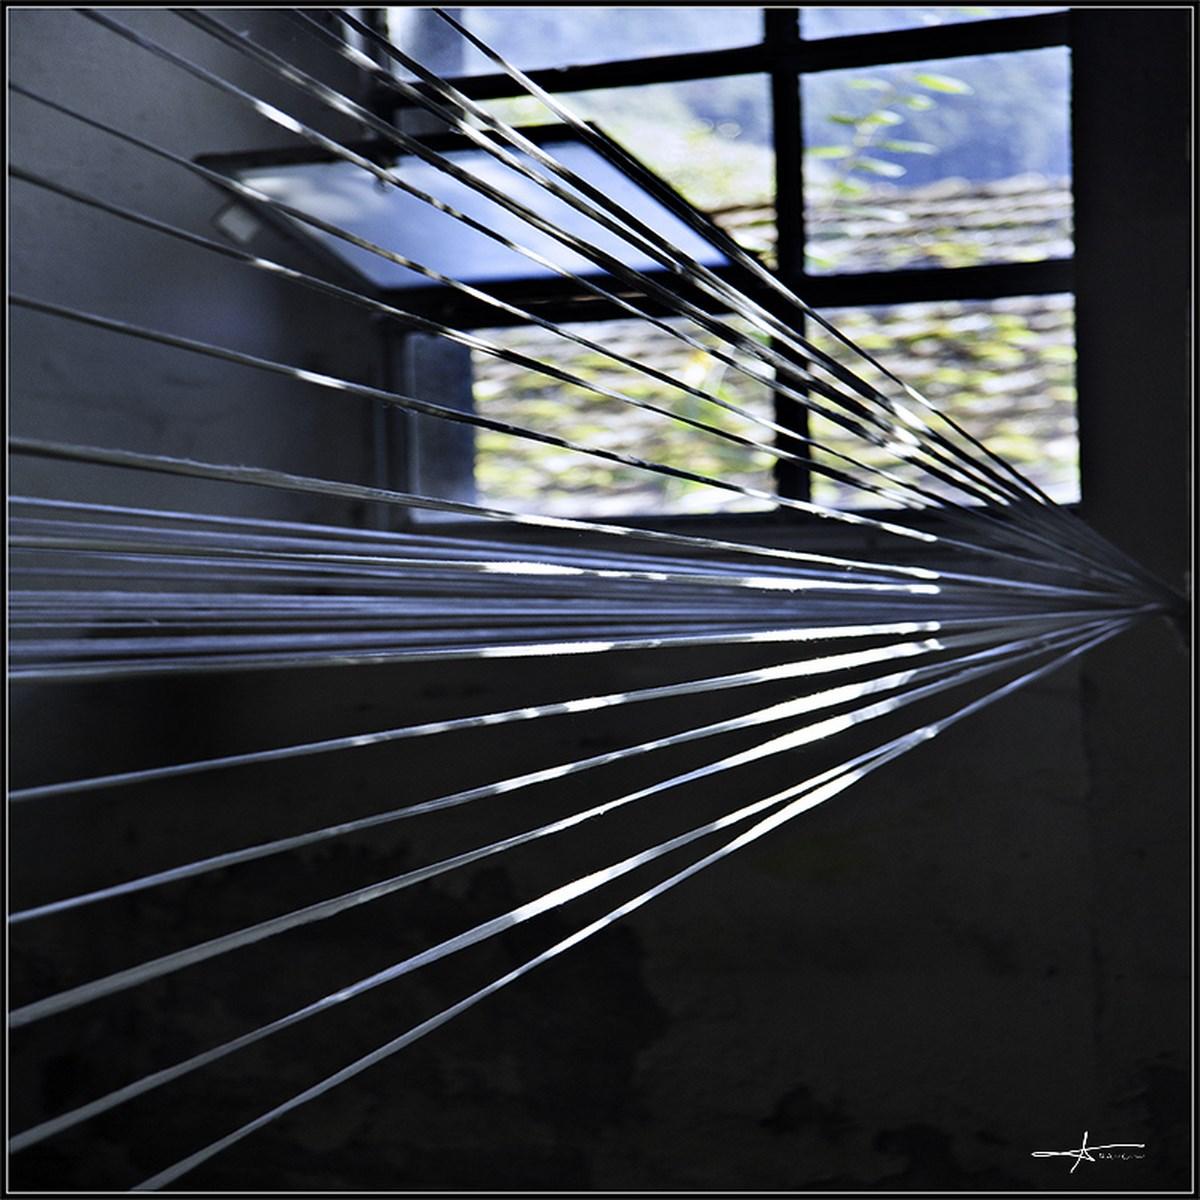 Vortex-Urbex 02 [1600x1200]